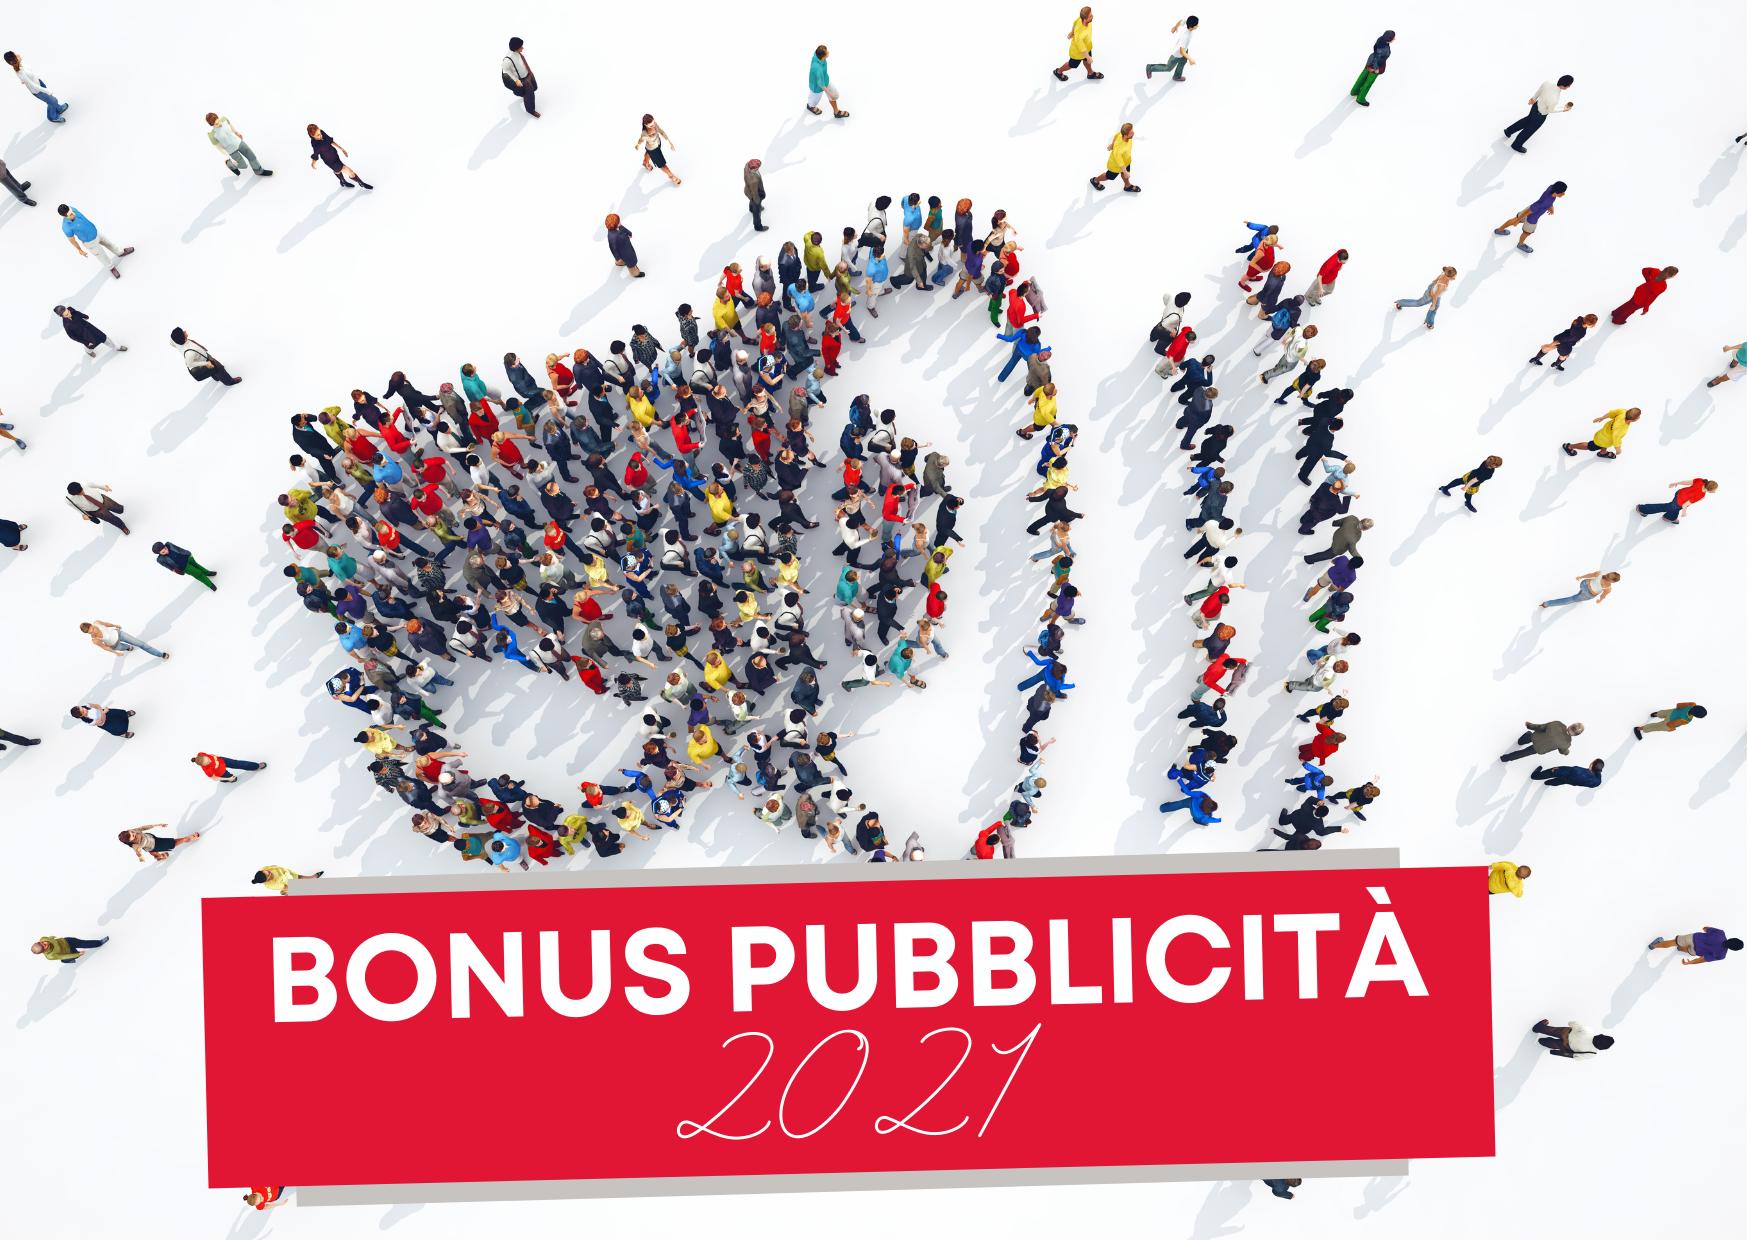 Bonus Pubblicità 2021: dal 1 settembre è possibile fare la richiesta